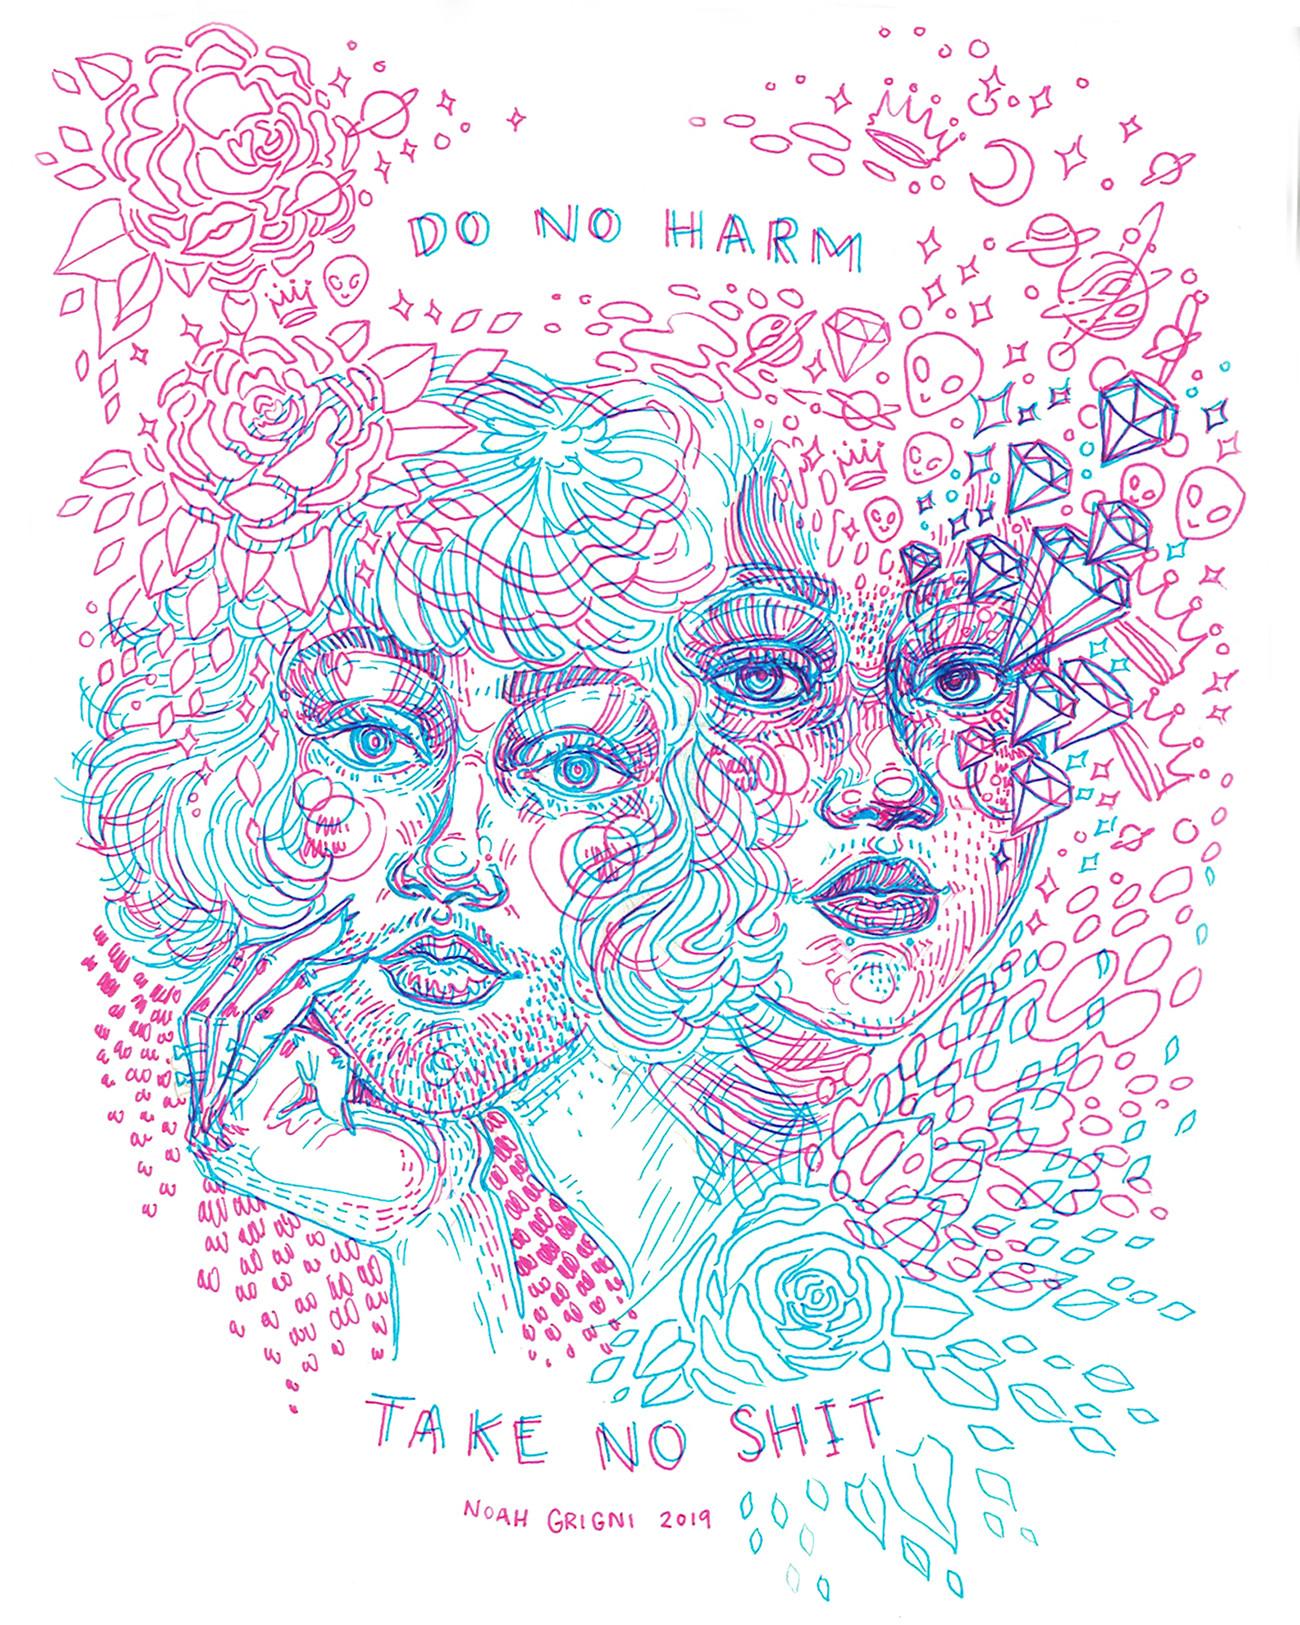 Do No Harm, Take No Shit